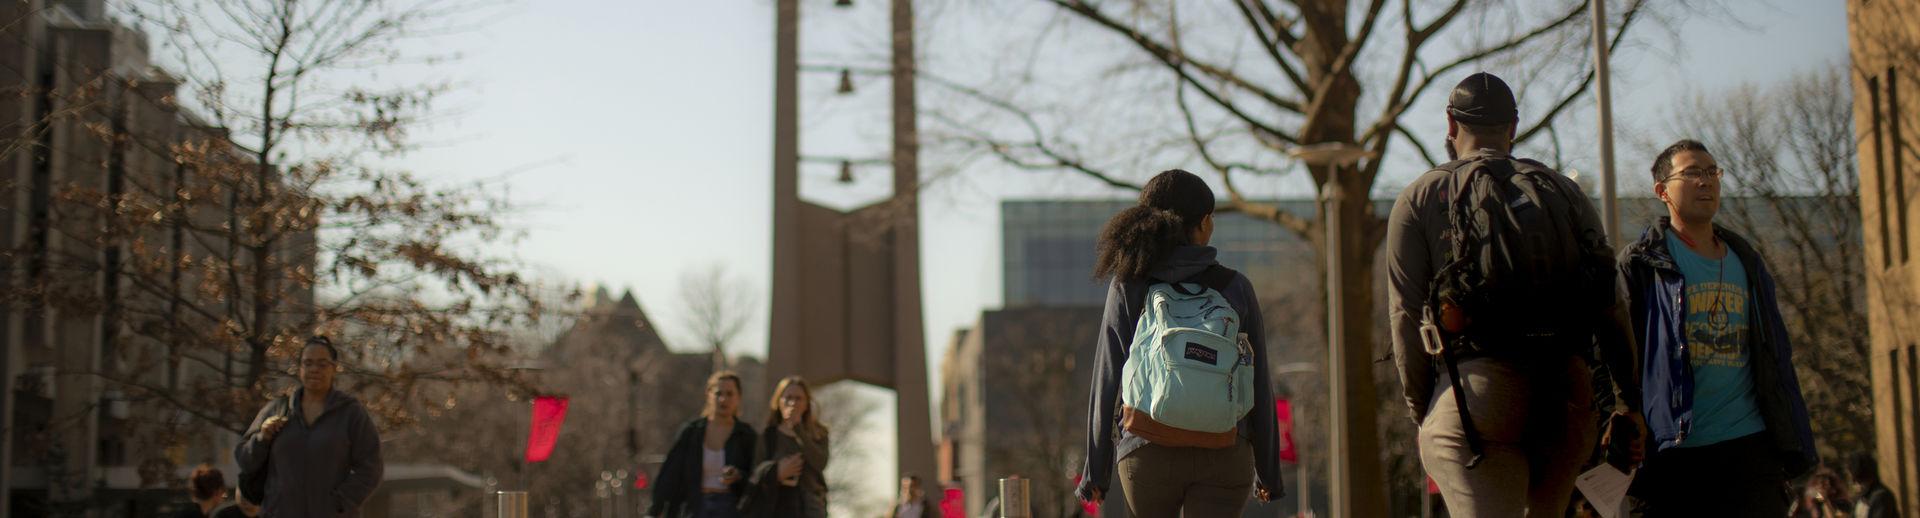 Students on Polett Walk on Main Campus